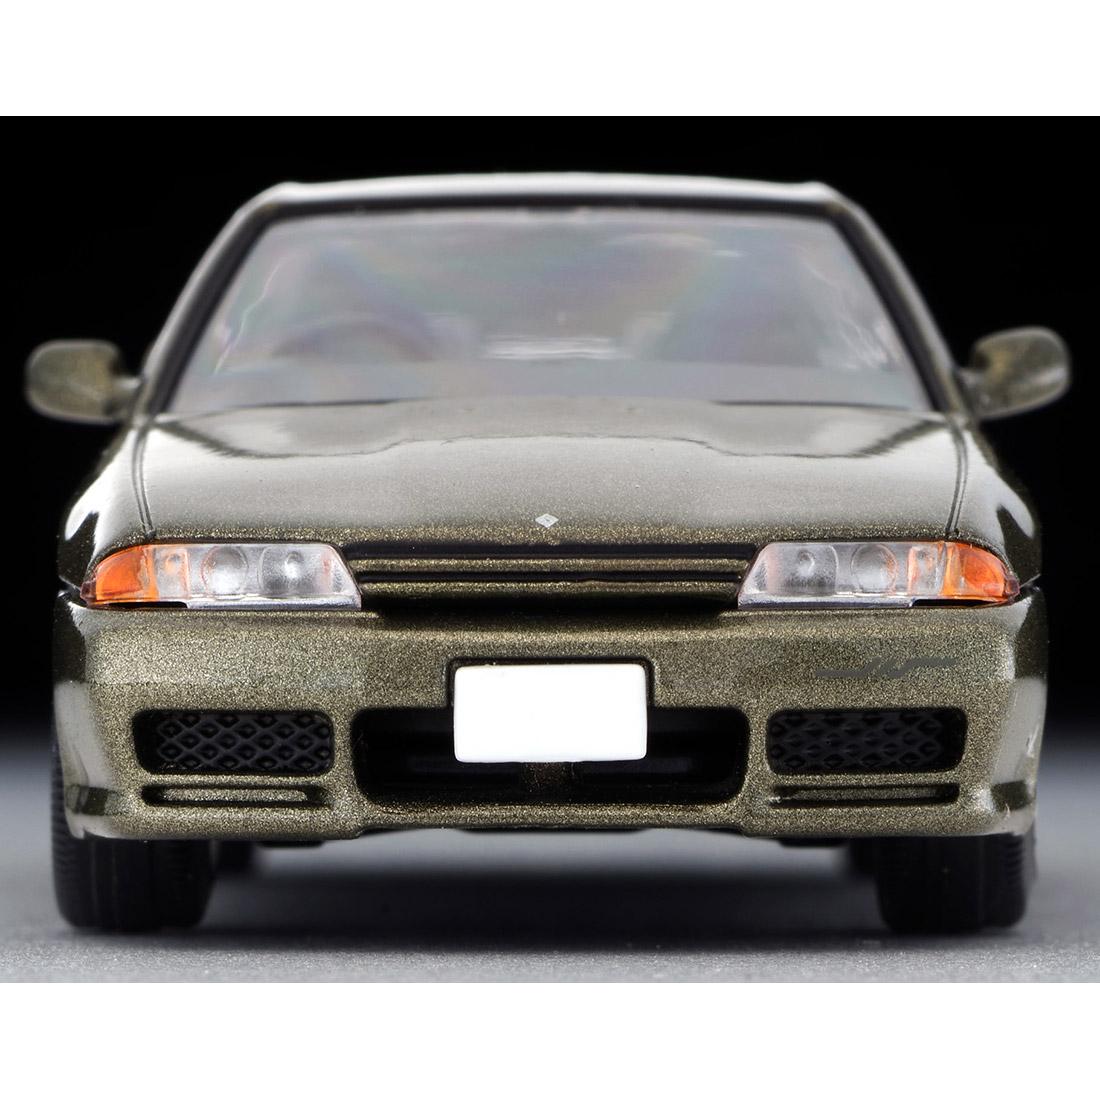 トミカリミテッド ヴィンテージ ネオ TLV-NEO『LV-N213a スカイライン オーテックバージョン』ミニカー-004